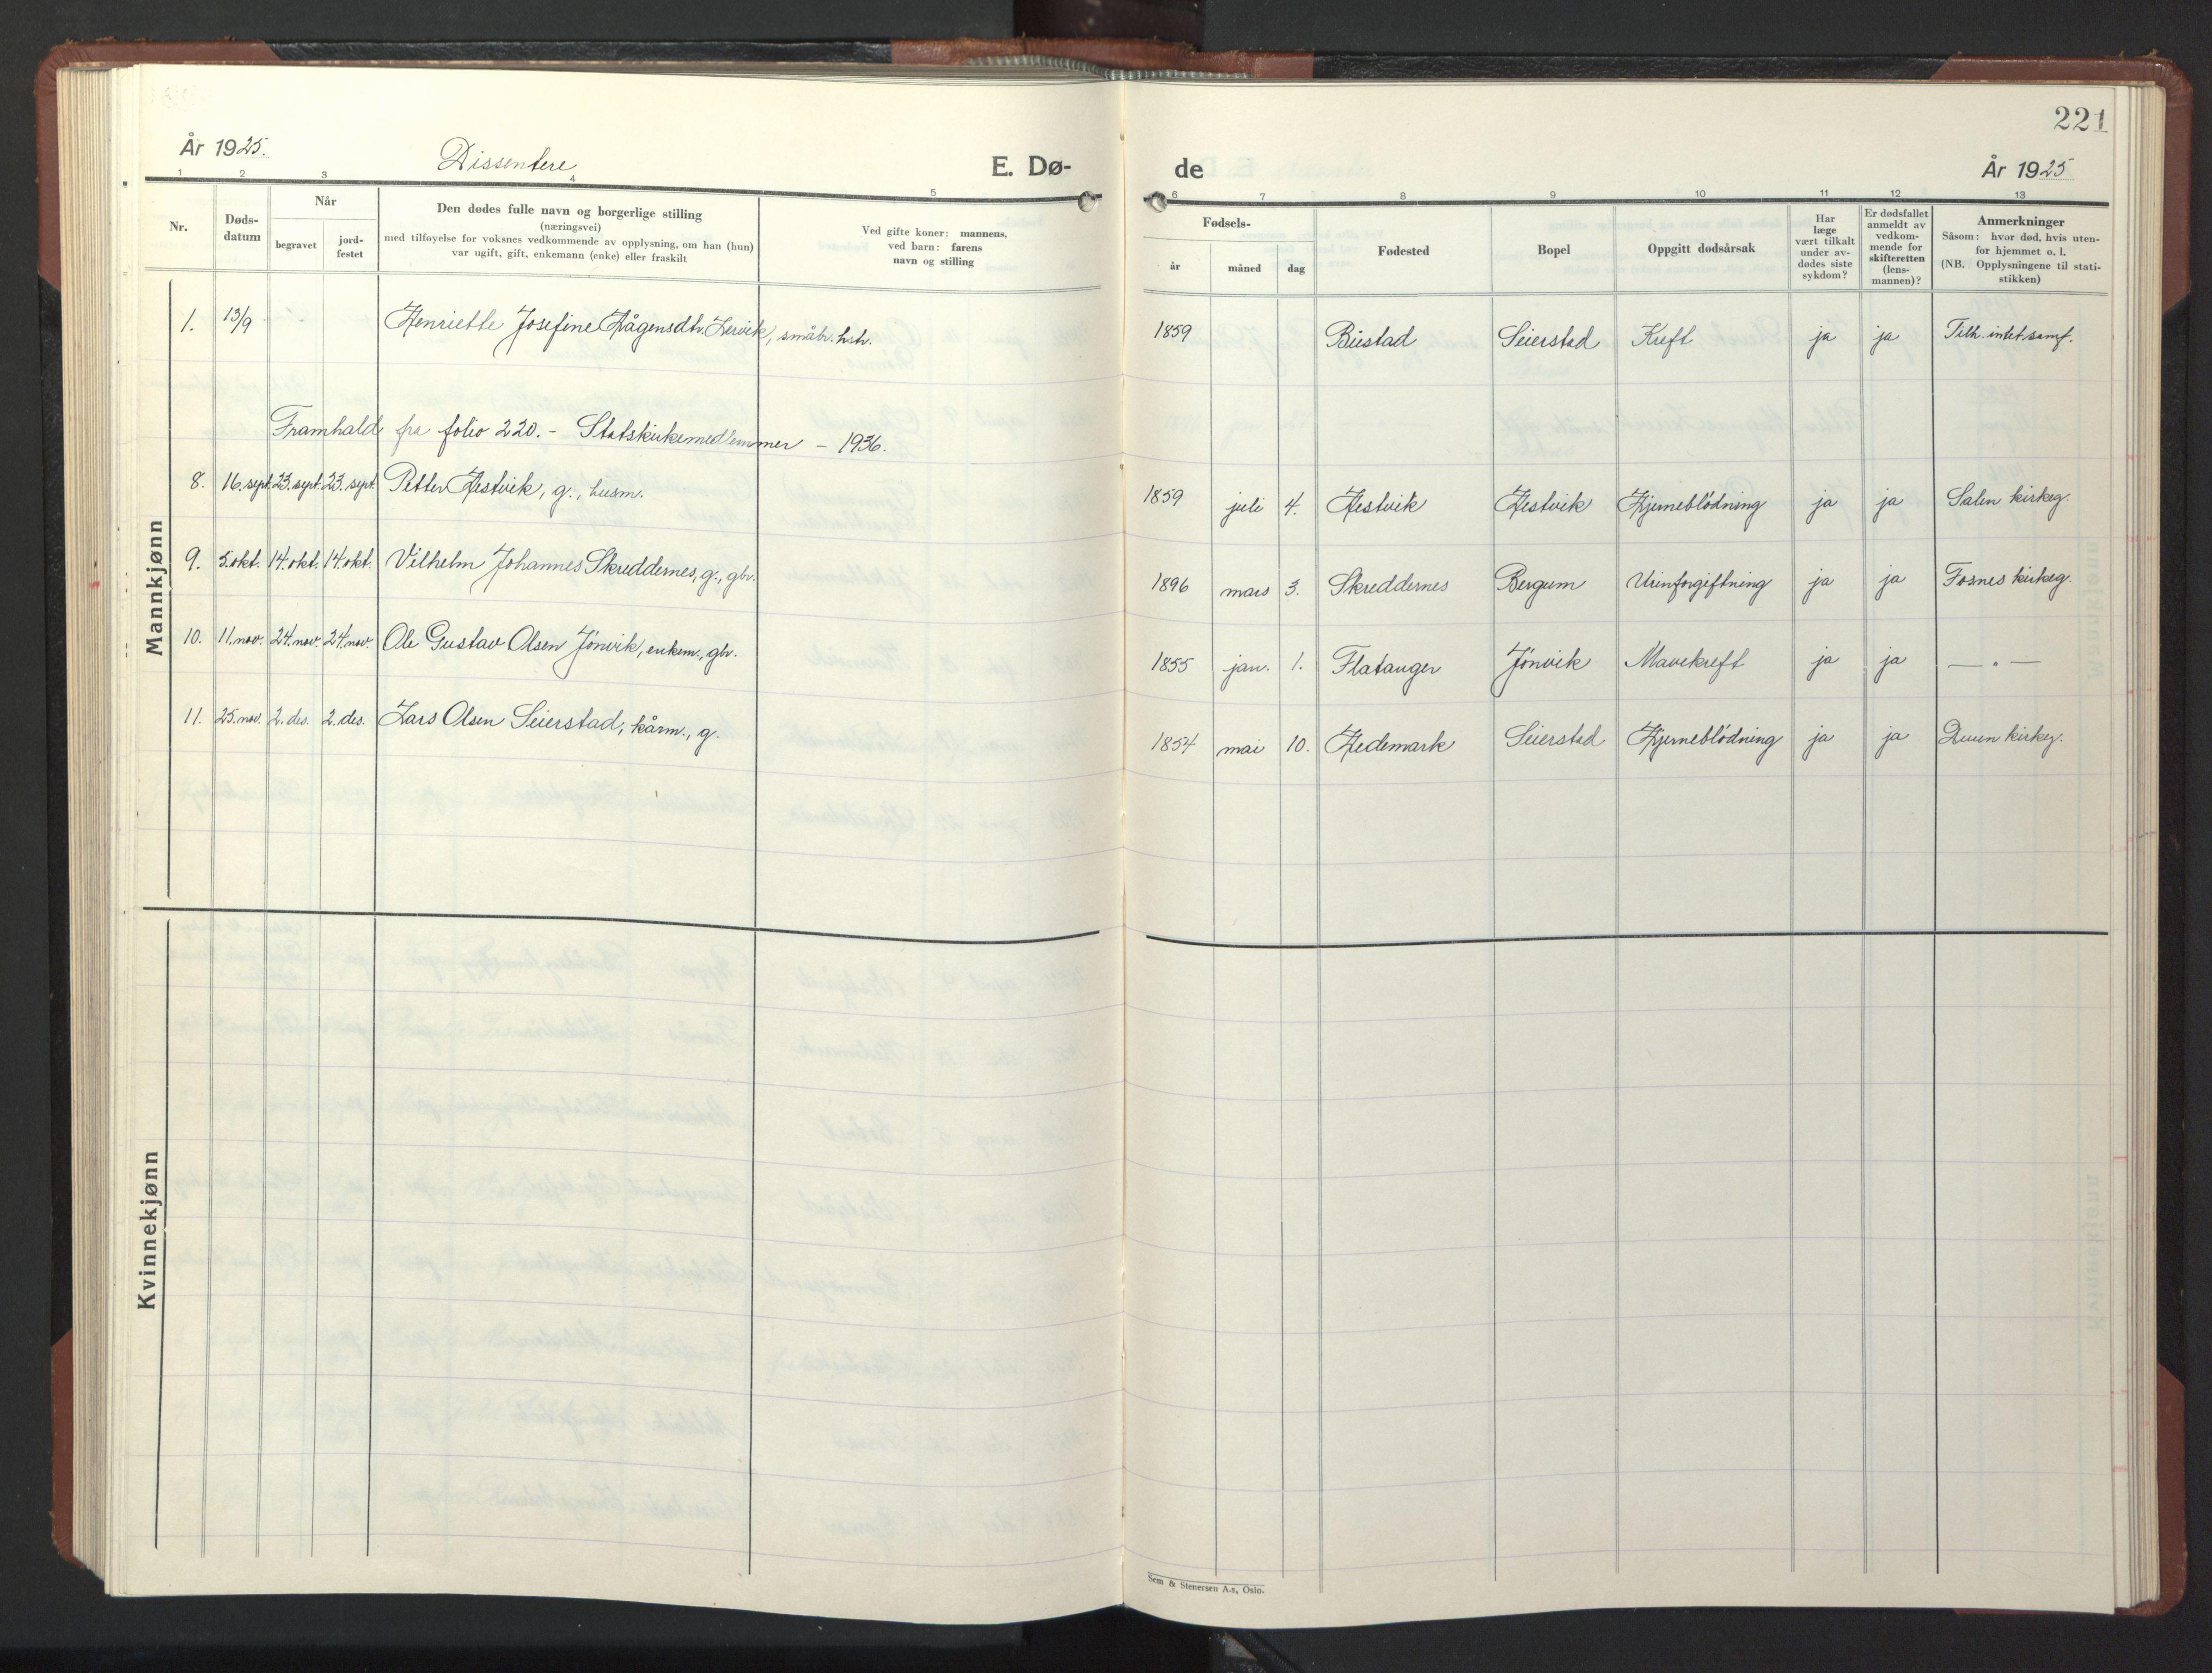 SAT, Ministerialprotokoller, klokkerbøker og fødselsregistre - Nord-Trøndelag, 773/L0625: Klokkerbok nr. 773C01, 1910-1952, s. 221